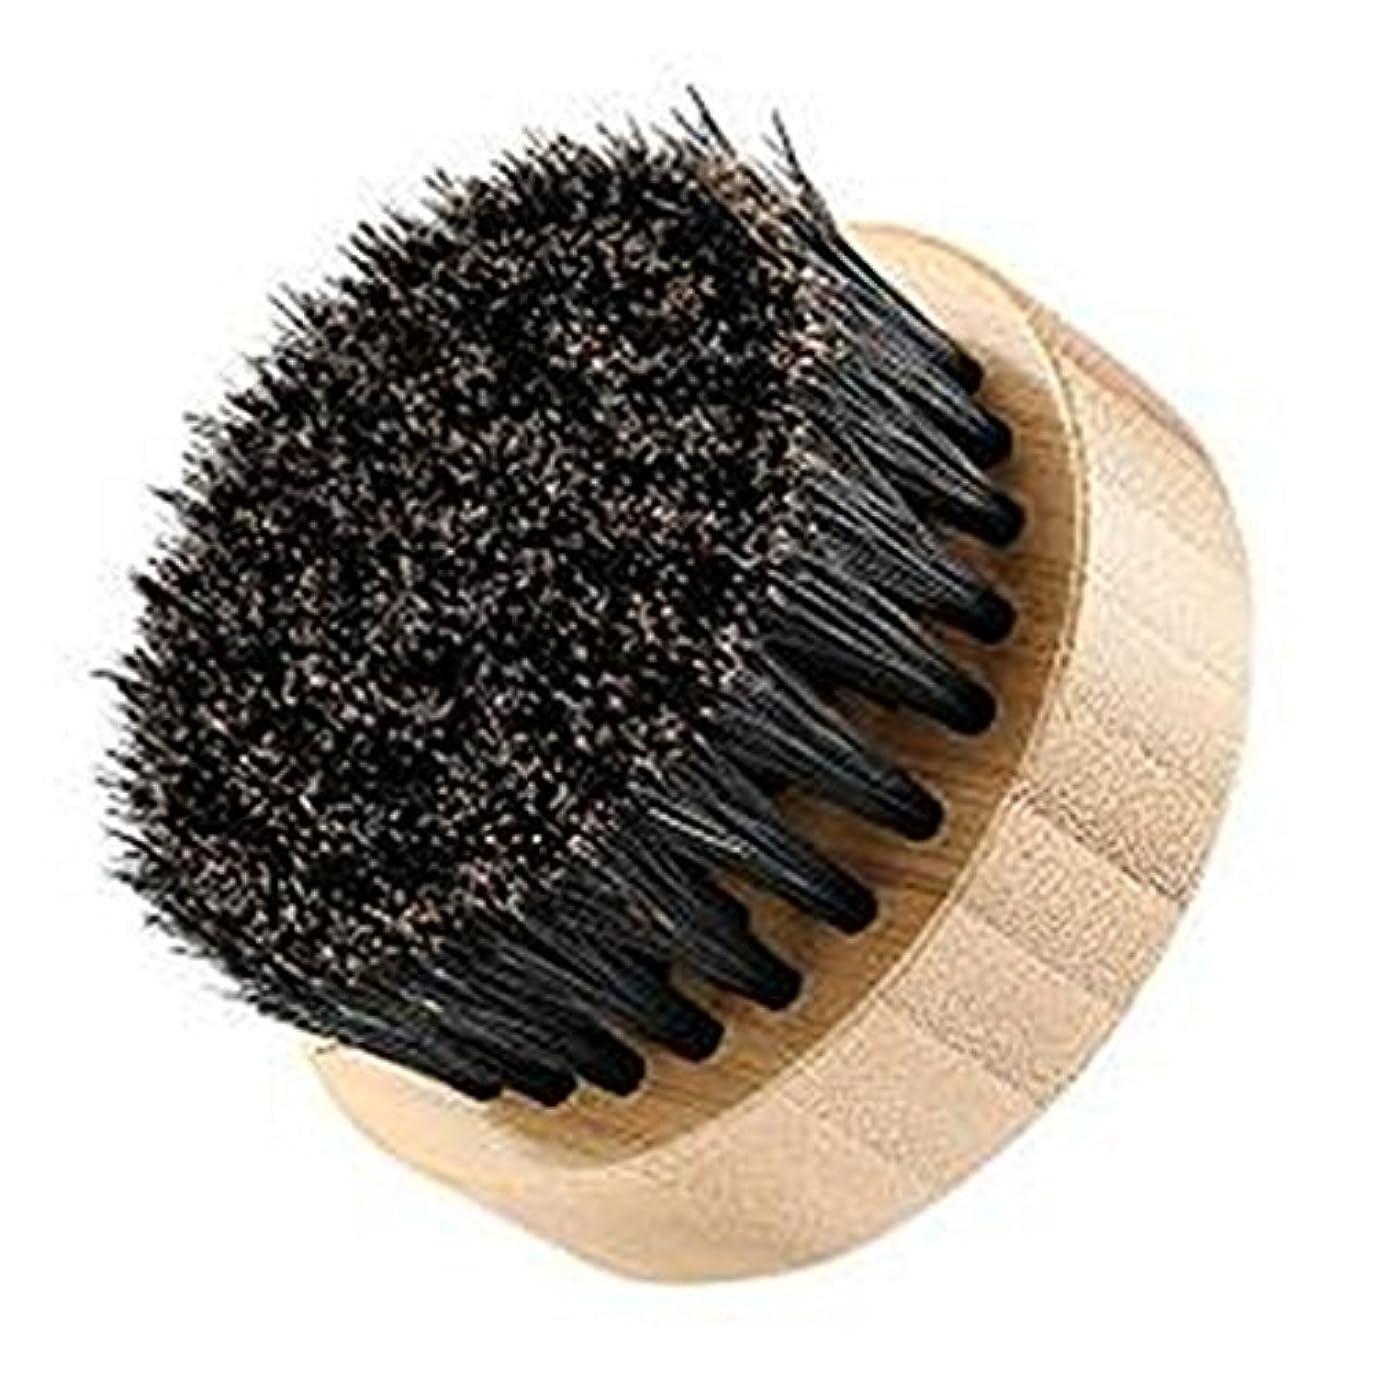 分析疲れた望ましいLUXWELL(ラクスウェル) ブラシ 100% 豚毛ブラシ 天然木 髭ブラシ FH-130